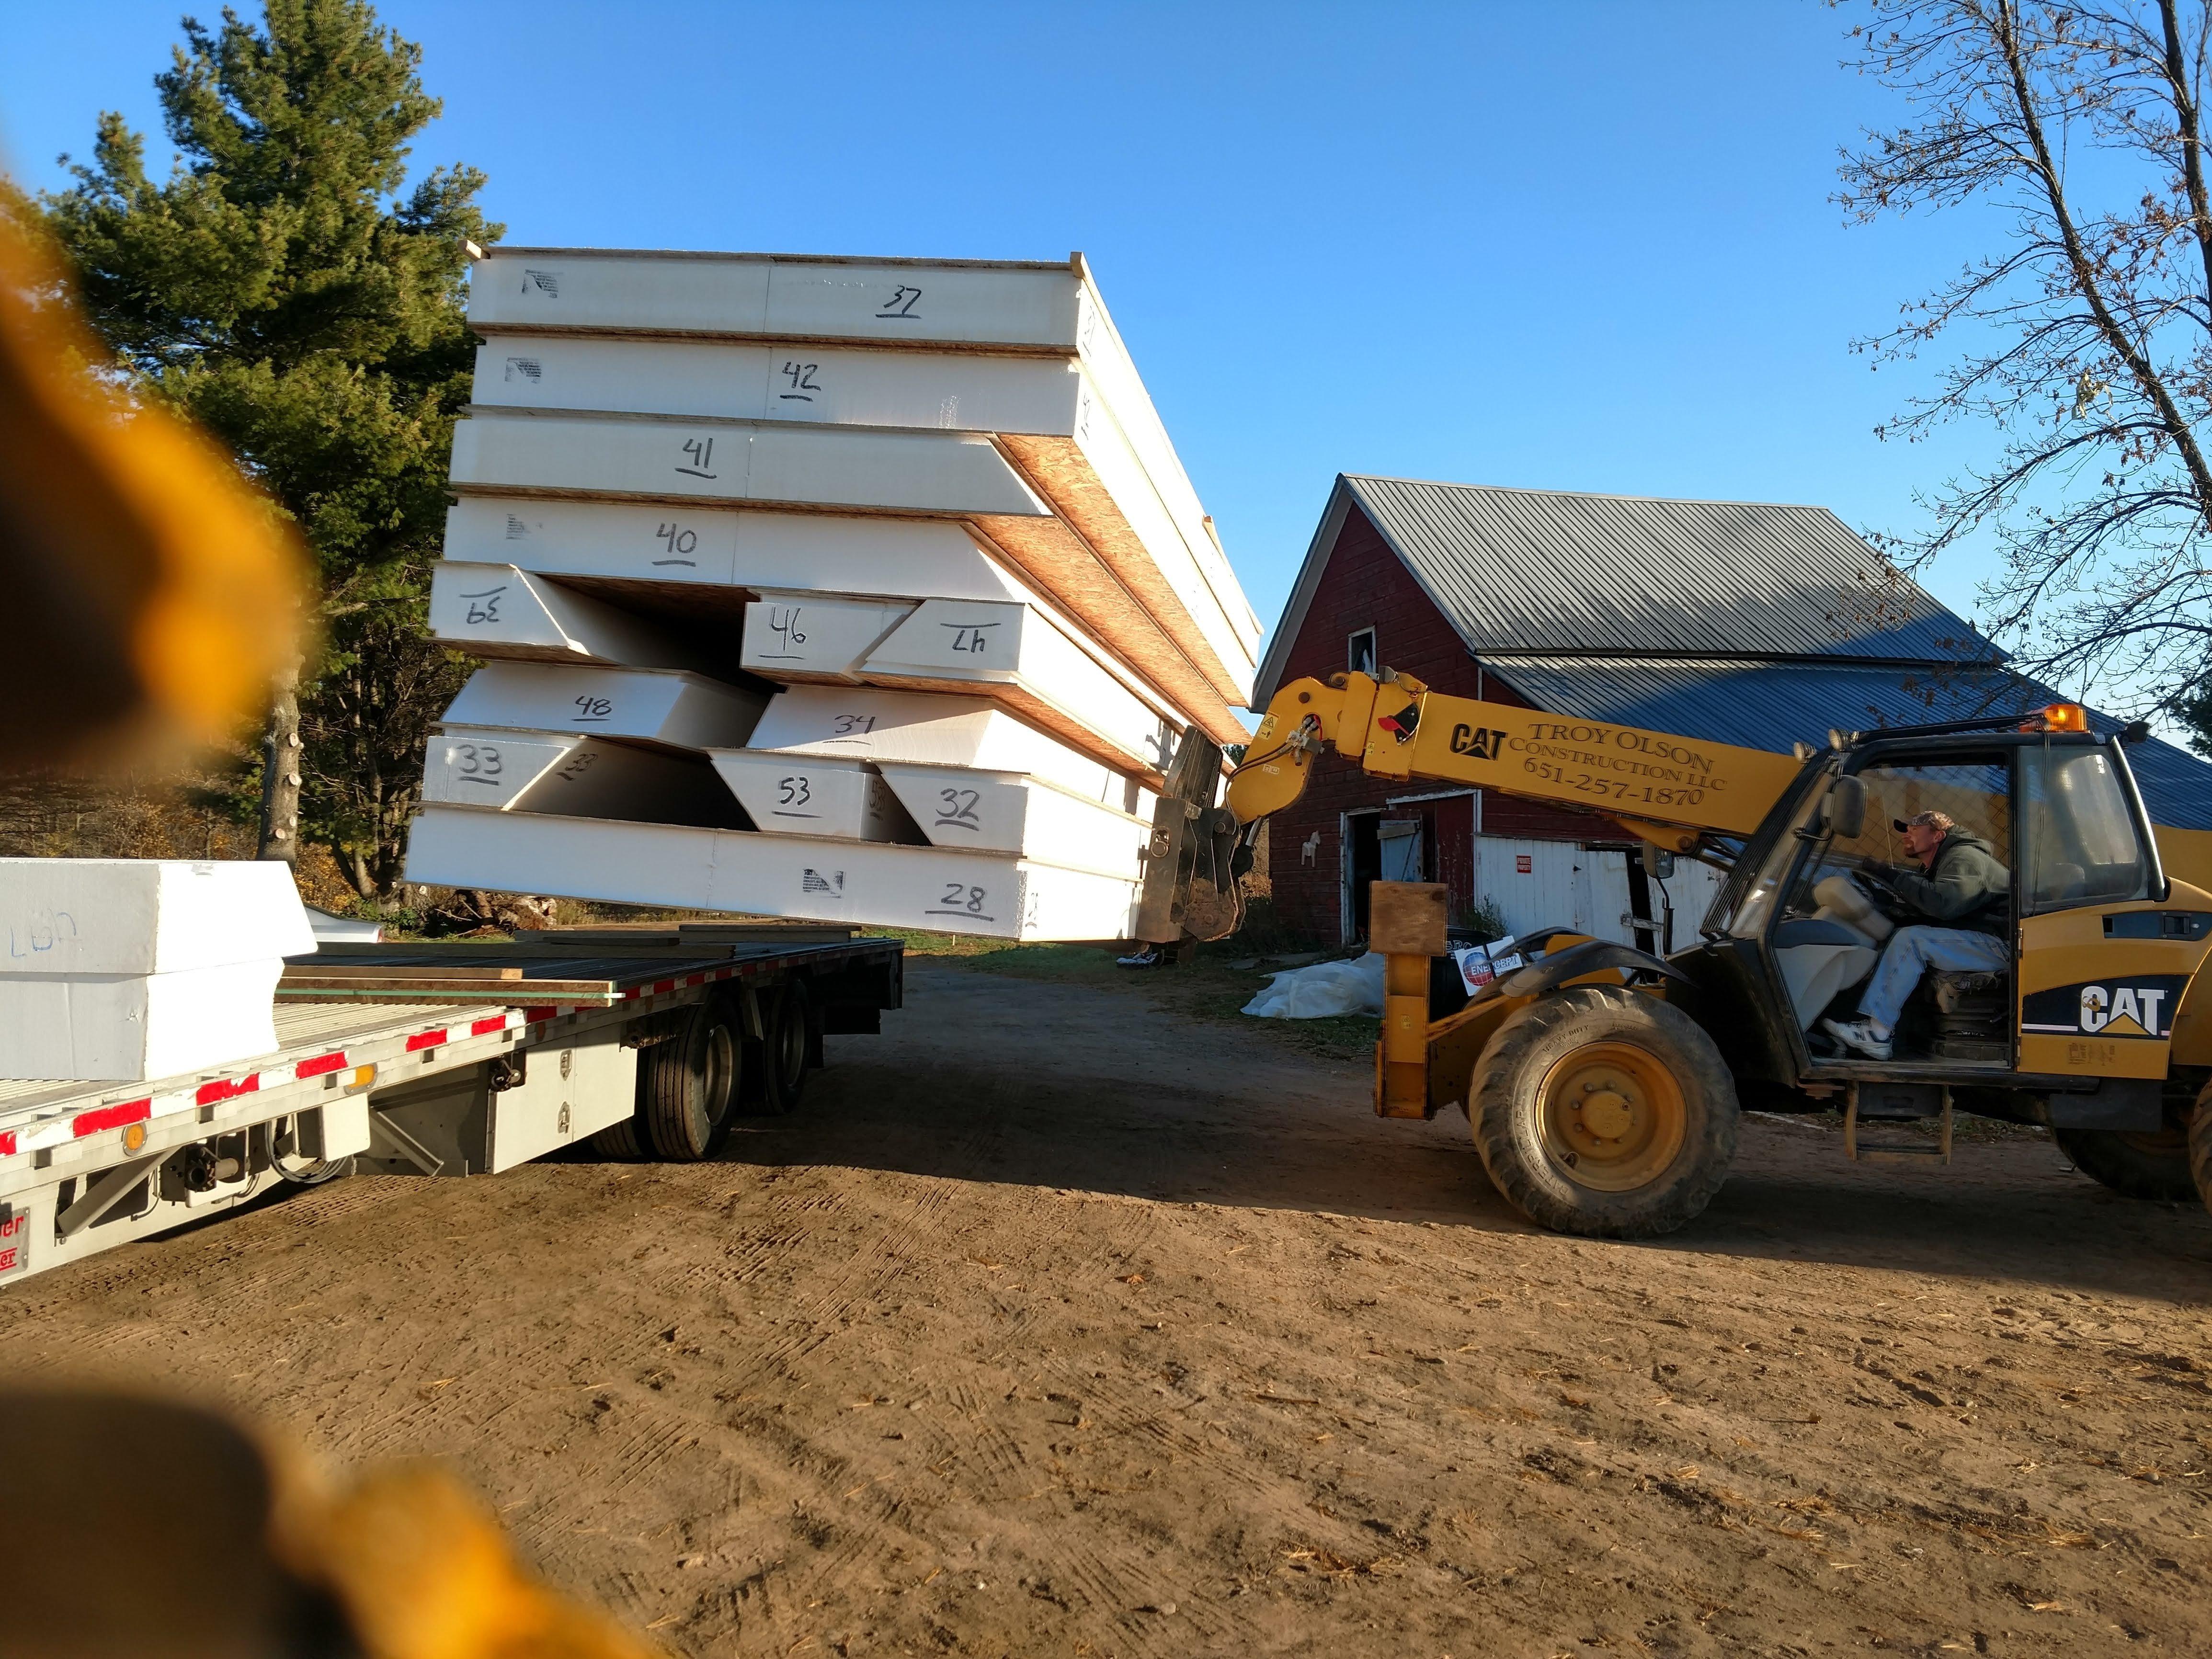 unloading SIPs